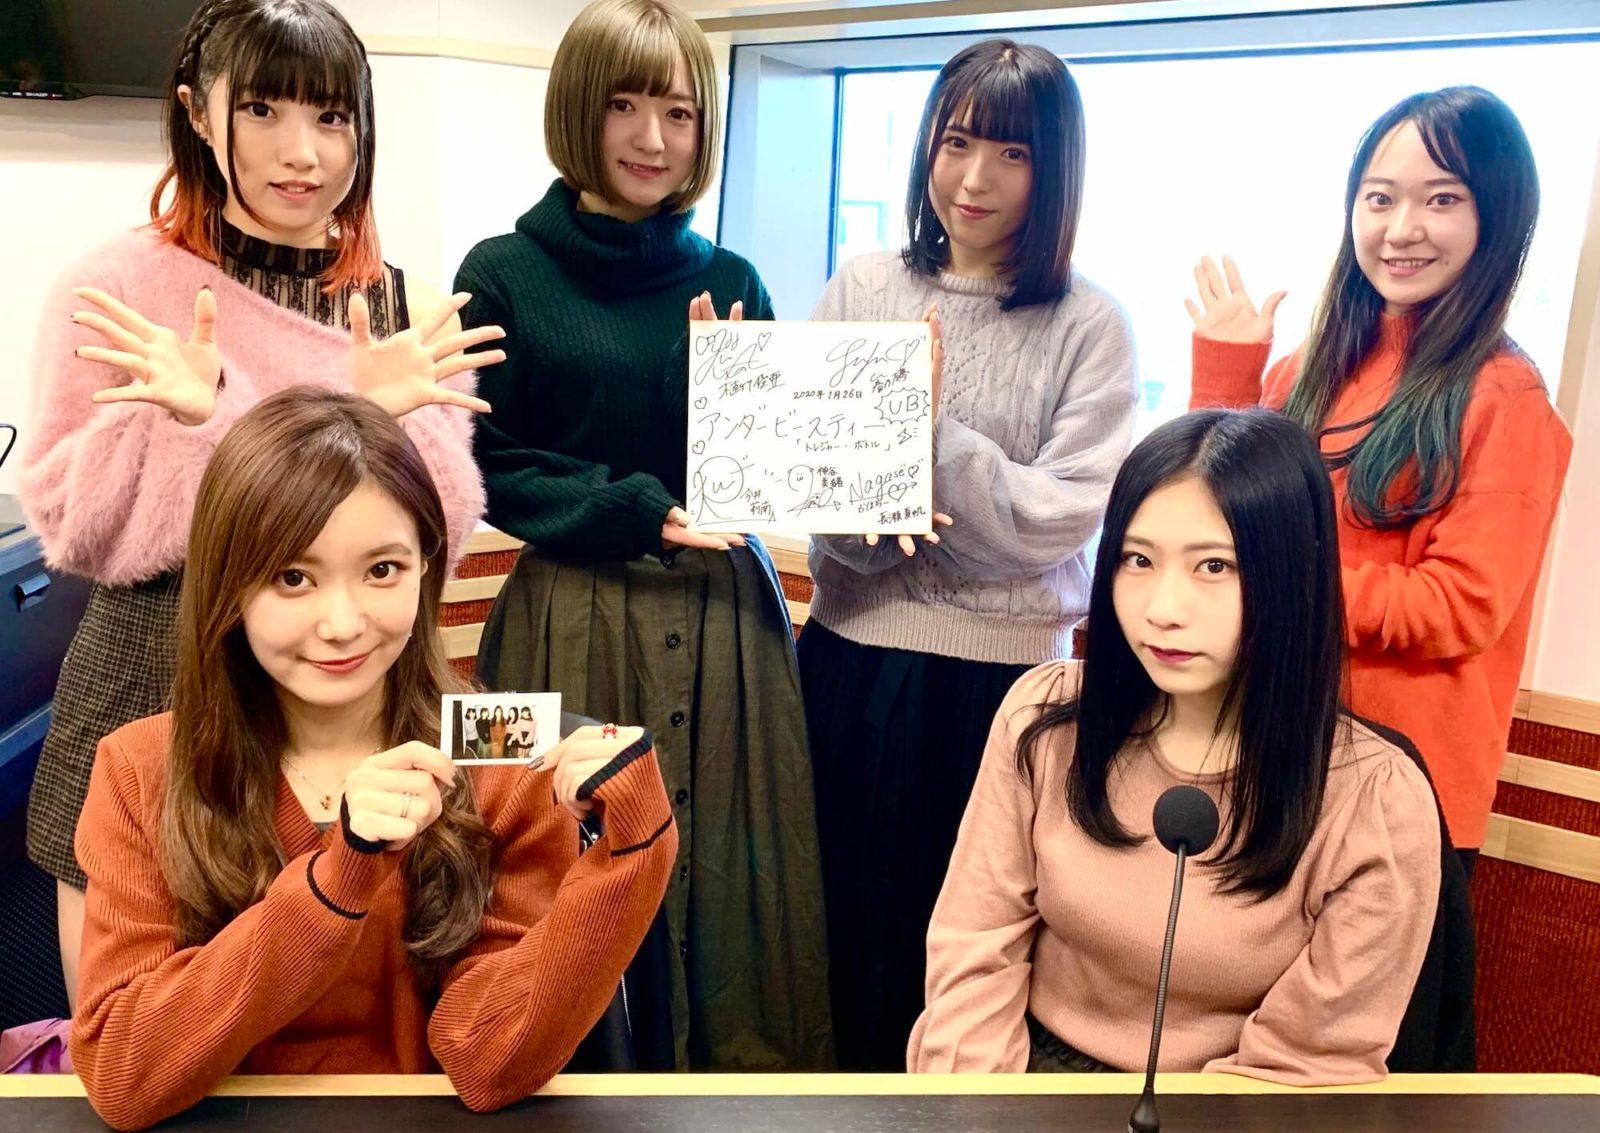 アンダービースティーのファッション・メイク・ヘアスタイルを徹底公開!【インタビュー・後編】サムネイル画像!